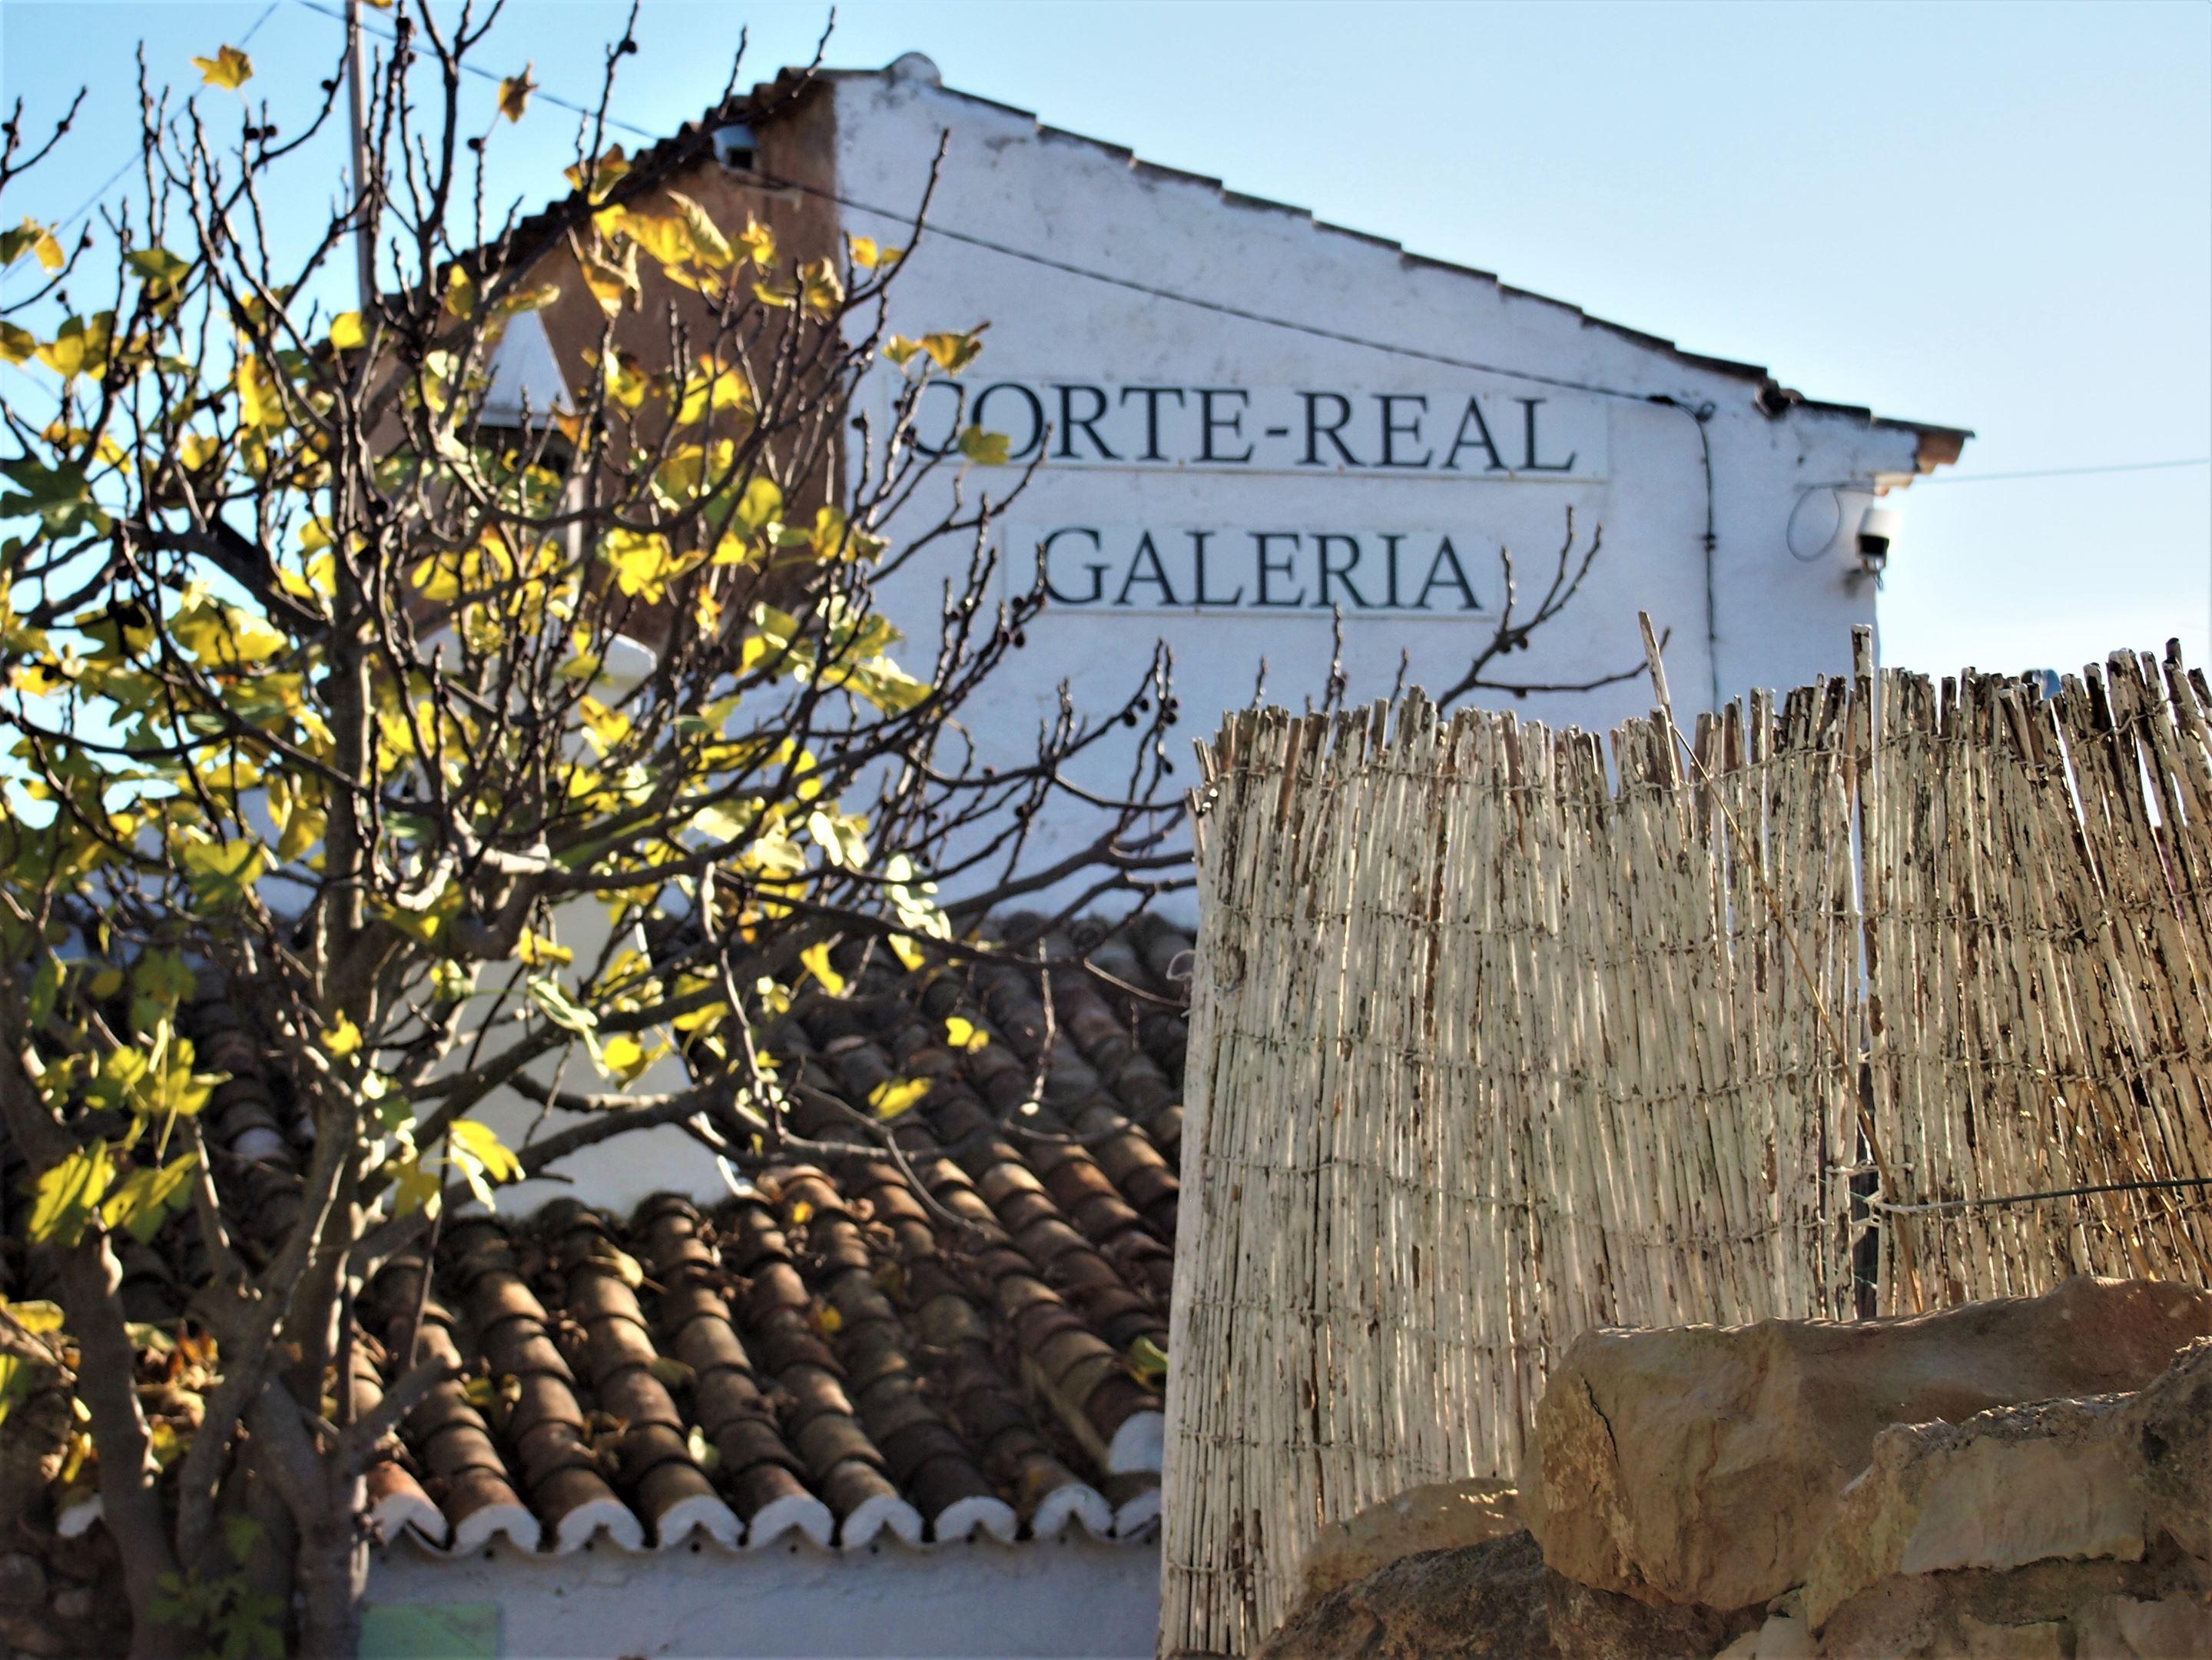 Côrte-Real Art Gallery, Paderne, Algarve